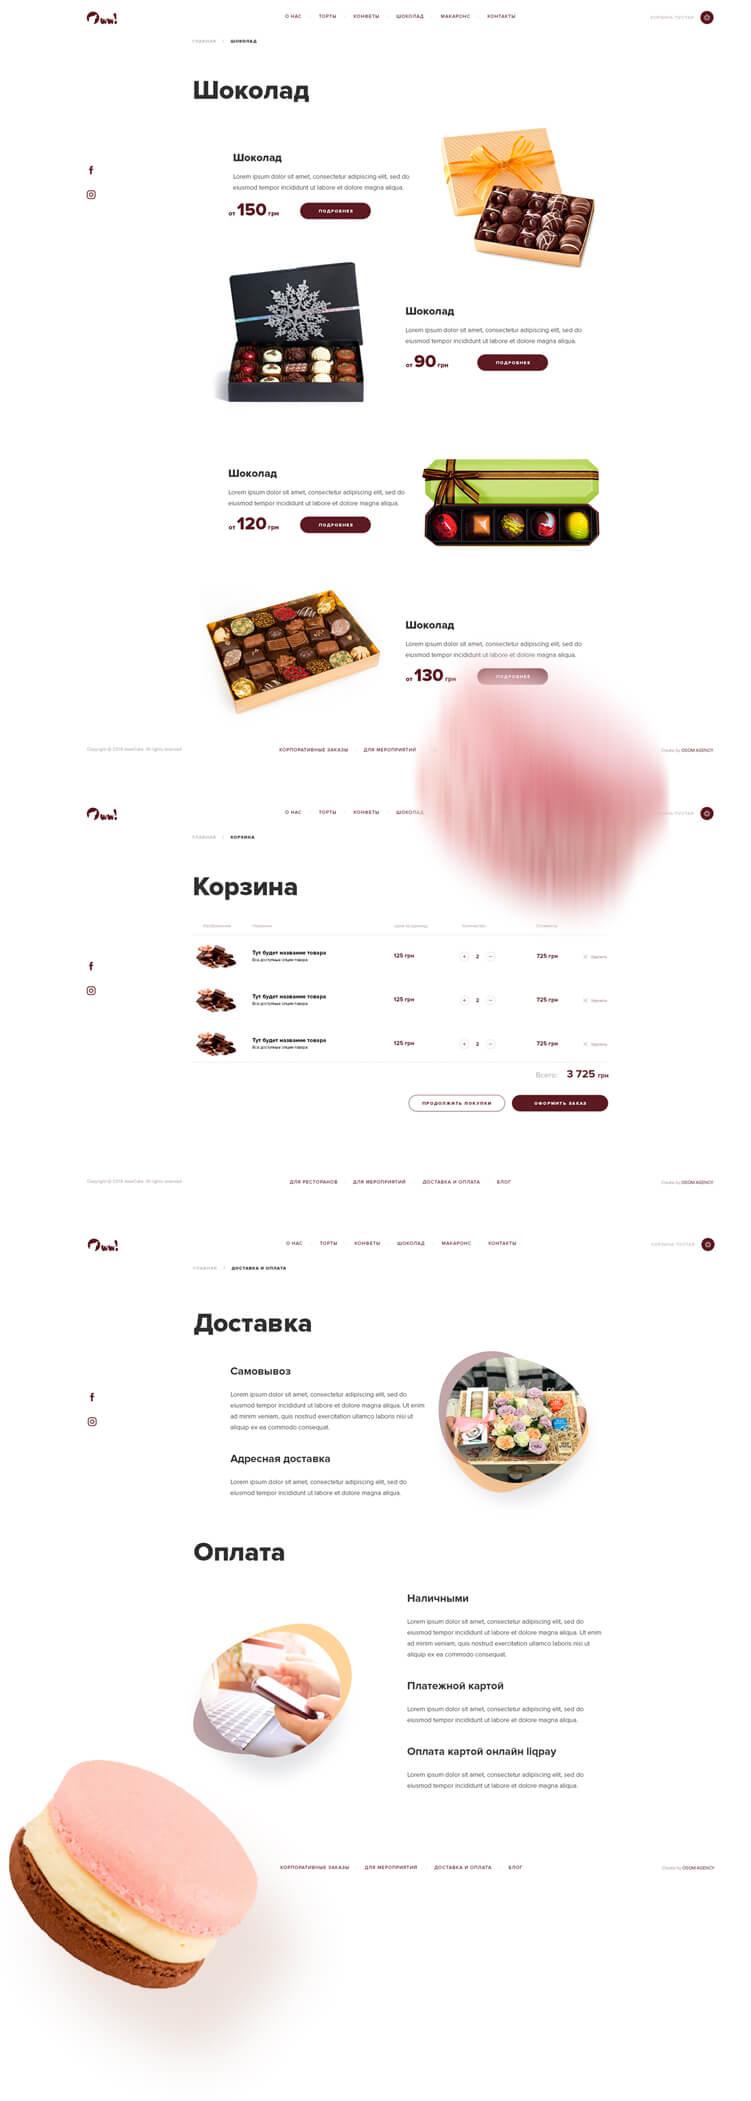 Смотреть дизайн интернет-магазина кондитерских изделий